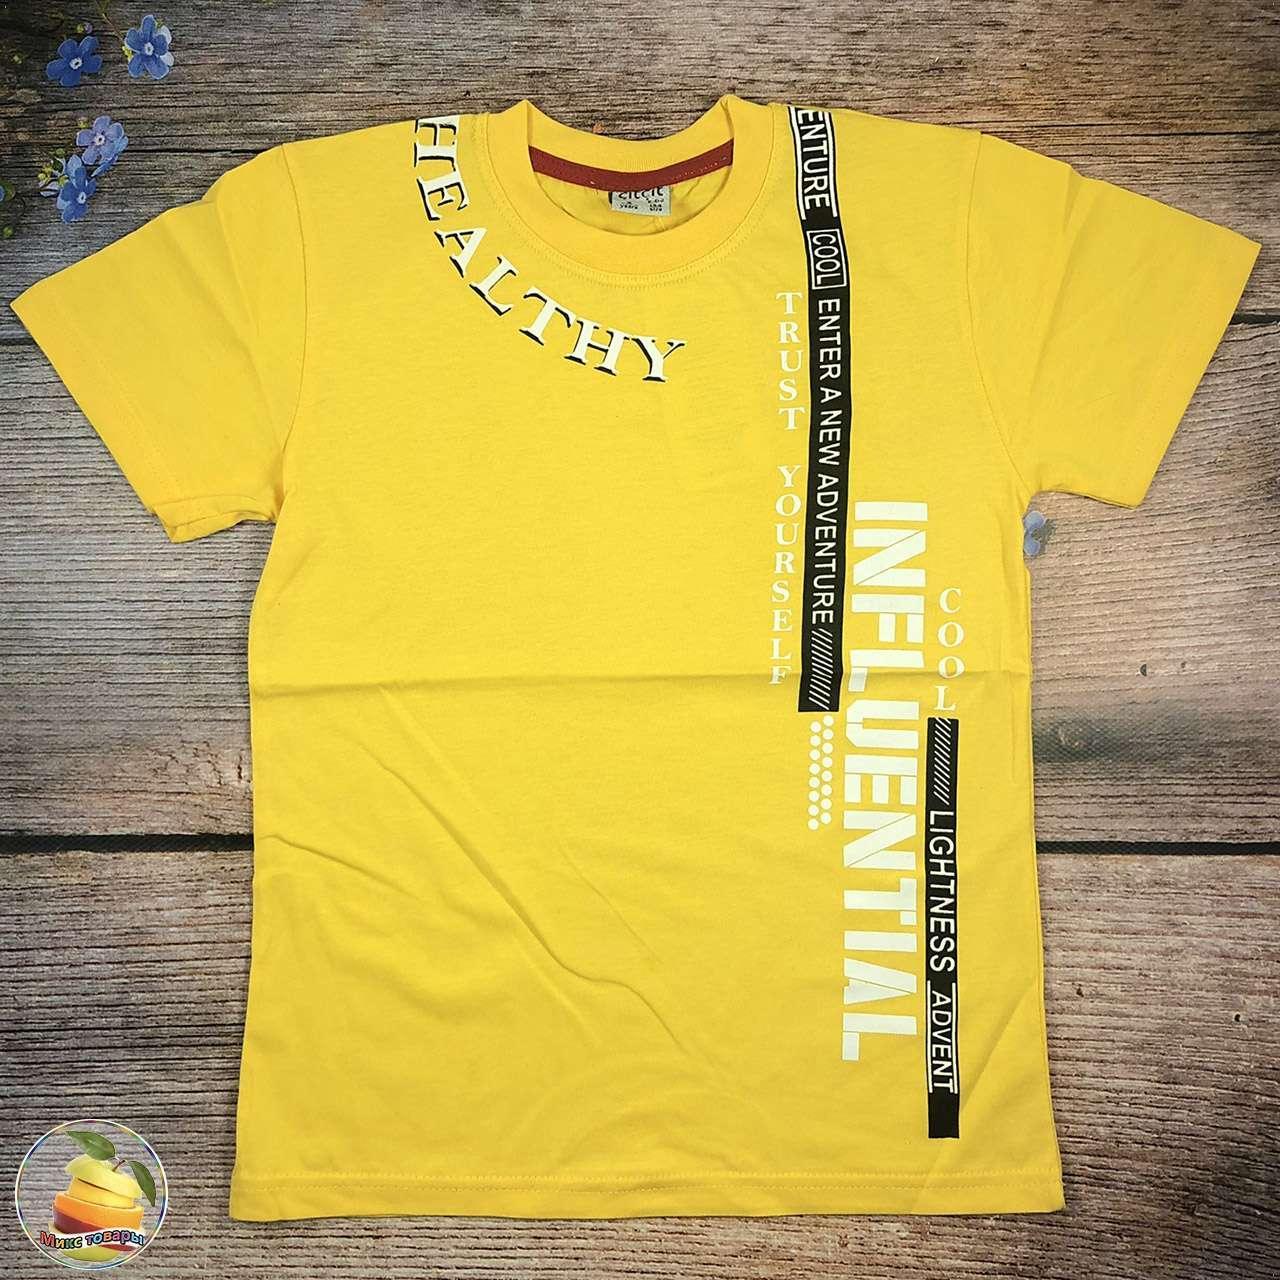 Подростковая футболка для мальчика Размеры: 9,10,11,12 лет (20320-1)